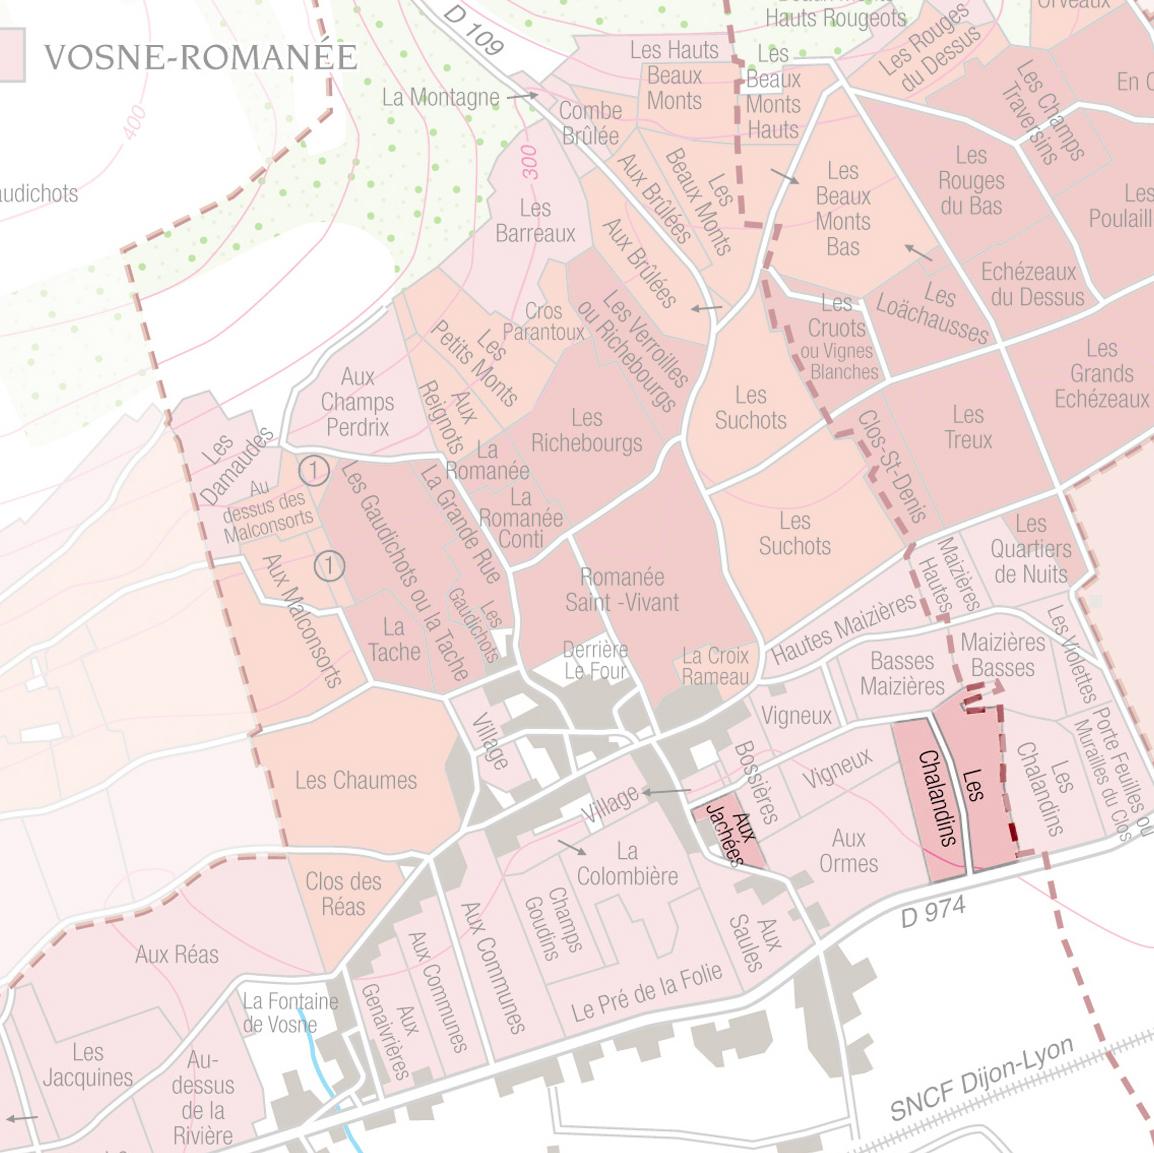 Vosne-Romanée - Cette cuvée de Vosne-Romanée village, provient d'un assemblage de deux parcelles au lieu-dit